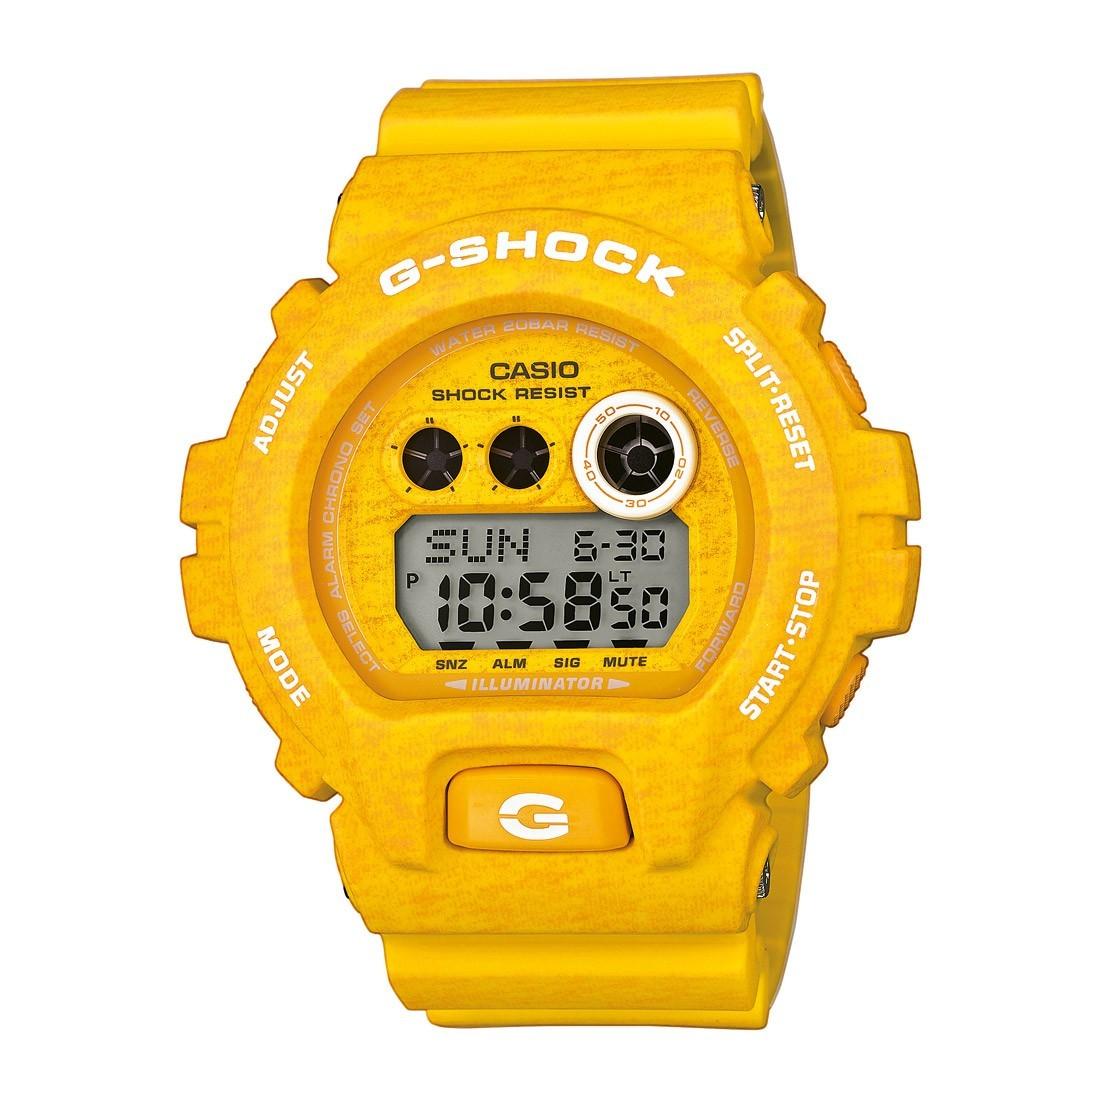 Casio G-SHOCK GD-X6900HT-9E / GD-X6900HT-9ER - мужские наручные часыCasio<br><br><br>Бренд: Casio<br>Модель: Casio GD-X6900HT-9E<br>Артикул: GD-X6900HT-9E<br>Вариант артикула: GD-X6900HT-9ER<br>Коллекция: G-SHOCK<br>Подколлекция: None<br>Страна: Япония<br>Пол: мужские<br>Тип механизма: кварцевые<br>Механизм: None<br>Количество камней: None<br>Автоподзавод: None<br>Источник энергии: от батарейки<br>Срок службы элемента питания: None<br>Дисплей: цифры<br>Цифры: None<br>Водозащита: WR 200<br>Противоударные: есть<br>Материал корпуса: пластик<br>Материал браслета: пластик<br>Материал безеля: None<br>Стекло: минеральное<br>Антибликовое покрытие: None<br>Цвет корпуса: None<br>Цвет браслета: None<br>Цвет циферблата: None<br>Цвет безеля: None<br>Размеры: 53.9x57.5x20.4 мм<br>Диаметр: None<br>Диаметр корпуса: None<br>Толщина: None<br>Ширина ремешка: None<br>Вес: 79 г<br>Спорт-функции: секундомер, таймер обратного отсчета<br>Подсветка: дисплея<br>Вставка: None<br>Отображение даты: вечный календарь, число, месяц, год, день недели<br>Хронограф: None<br>Таймер: None<br>Термометр: None<br>Хронометр: None<br>GPS: None<br>Радиосинхронизация: None<br>Барометр: None<br>Скелетон: None<br>Дополнительная информация: автоподсветка, ежечасный сигнал, повтор сигнала будильника, функция Flash alert, функция включения/отключения звука кнопок; элемент питания CR2032, срок службы батарейки 10 лет<br>Дополнительные функции: второй часовой пояс, будильник (количество установок: 3)